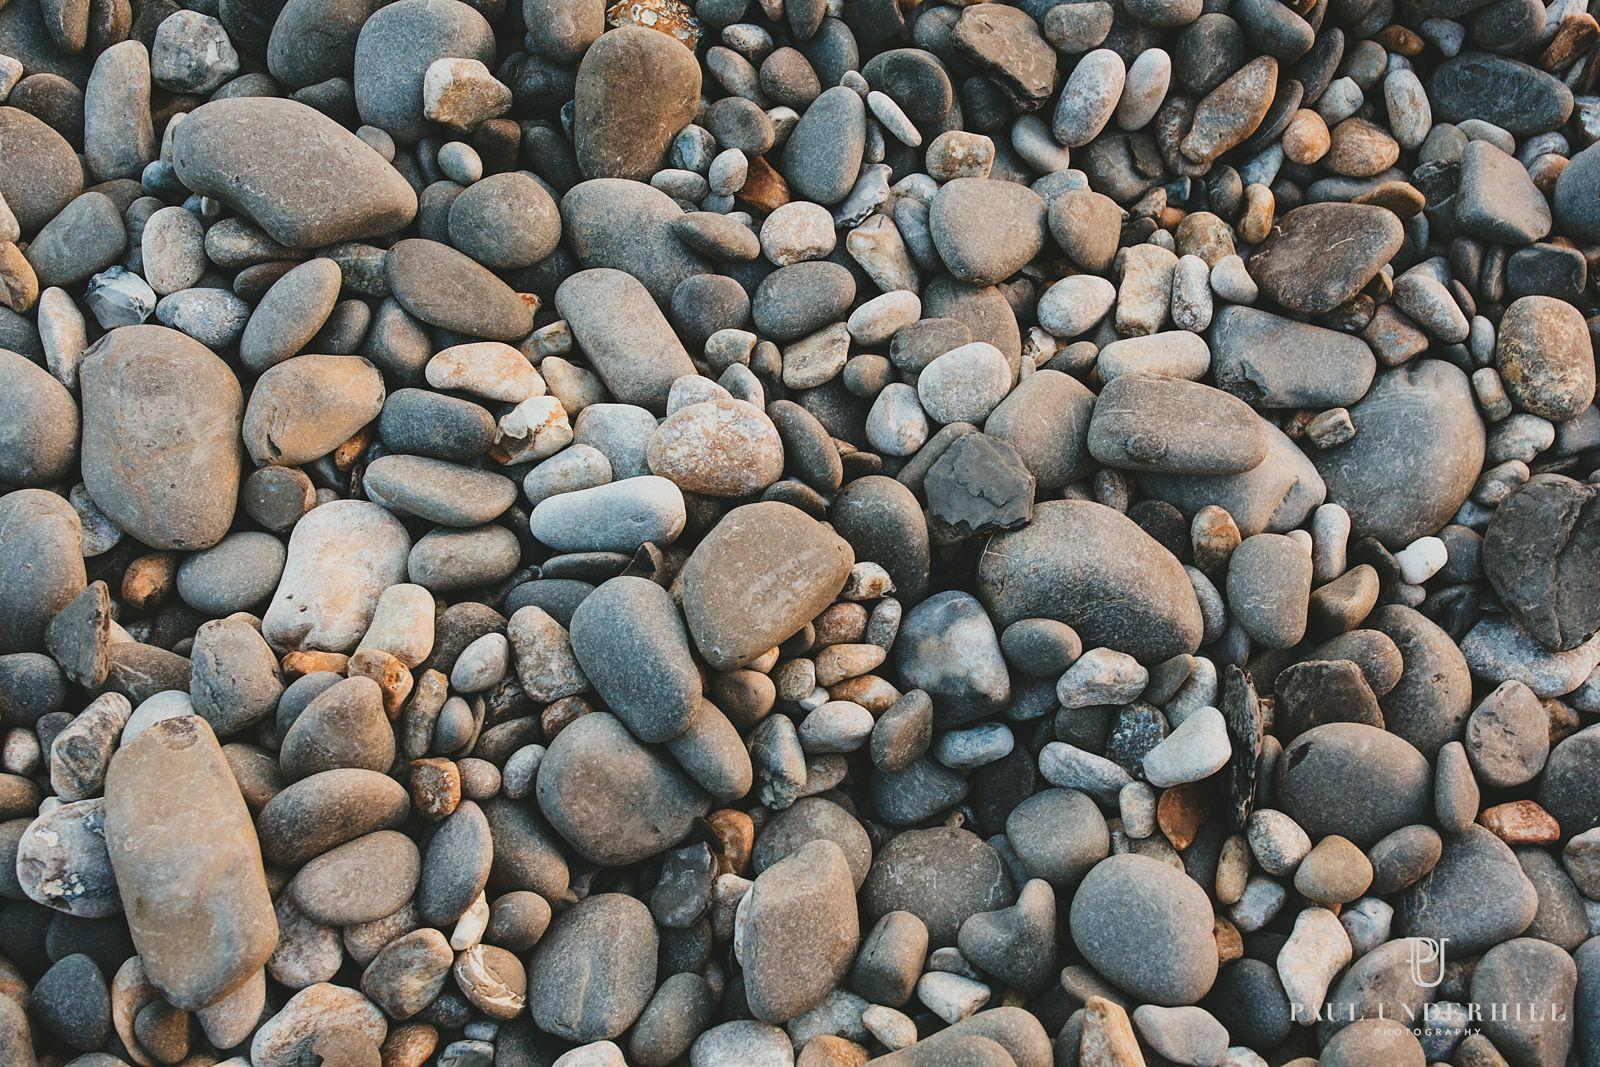 Kimmeridge bay stones